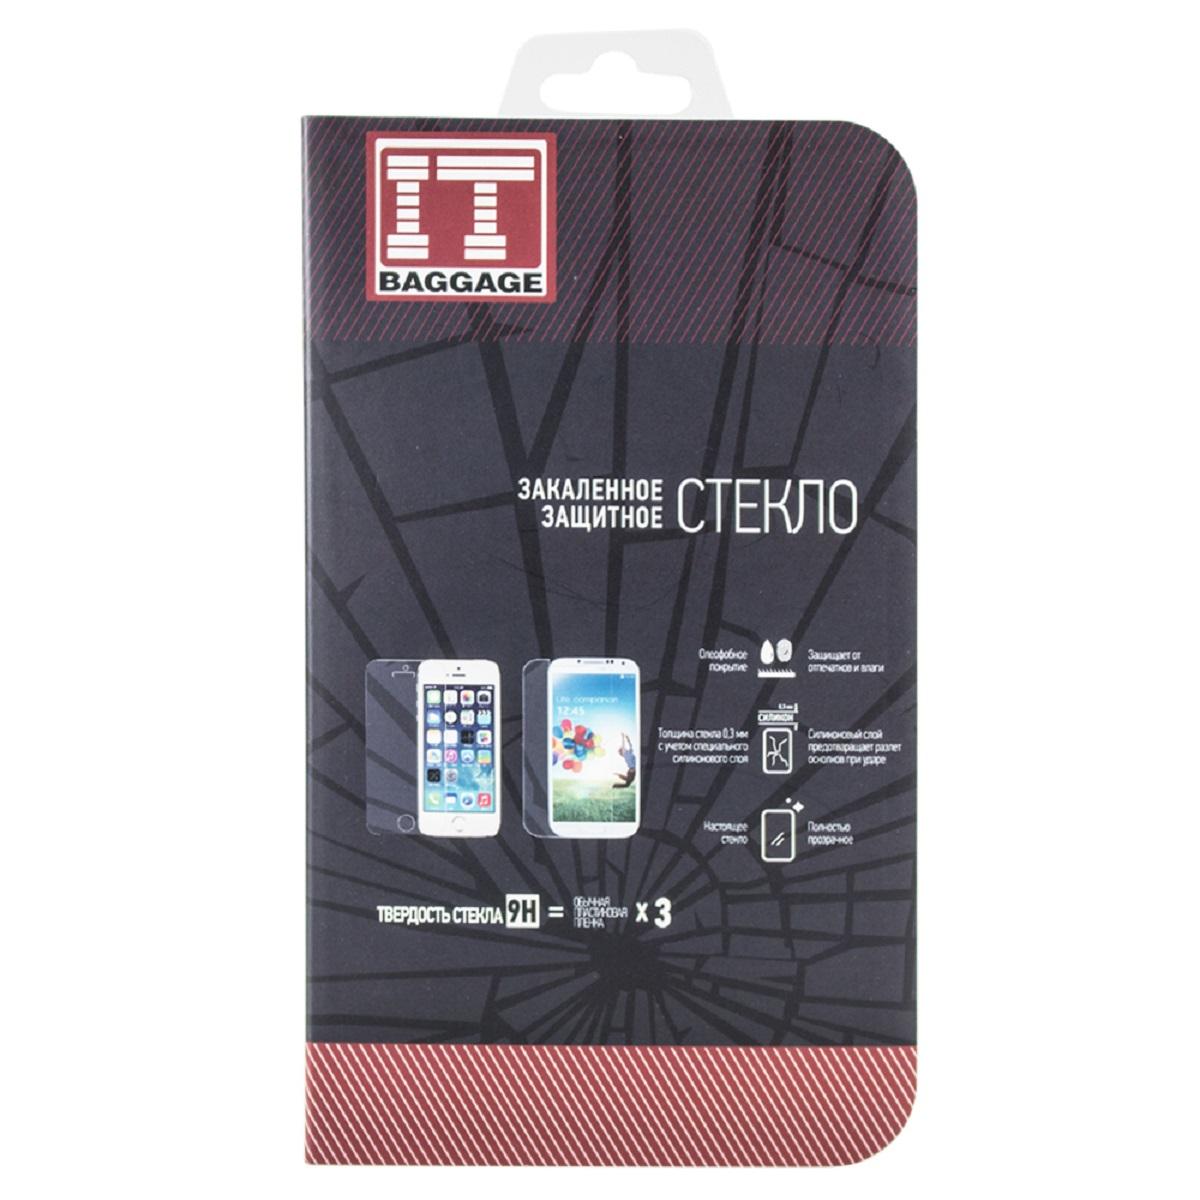 IT Baggage защитное стекло для Meizu PRO 6ITMZPR6GЗакаленное стекло IT Baggage для Meizu PRO 6 - это самый верный способ защитить экран от повреждений и загрязнений. Обладает высочайшим уровнем прозрачности и совершенно не влияет на отклик экранного сенсора и качество изображения. Препятствует появлению отпечатков и пятен. Удалить следы жира и косметики с поверхности аксессуара не составить ни какого труда. Характеристики защитного стекла делают его износостойким к таким механическим повреждениям, как царапины, сколы, потертости. При сильном ударе разбившееся стекло не разлетается на осколки, предохраняя вас от порезов, а экран устройства от повреждений. После снятия защитного стекла с поверхности дисплея, на нем не остаются повреждения, такие как потертости и царапины.